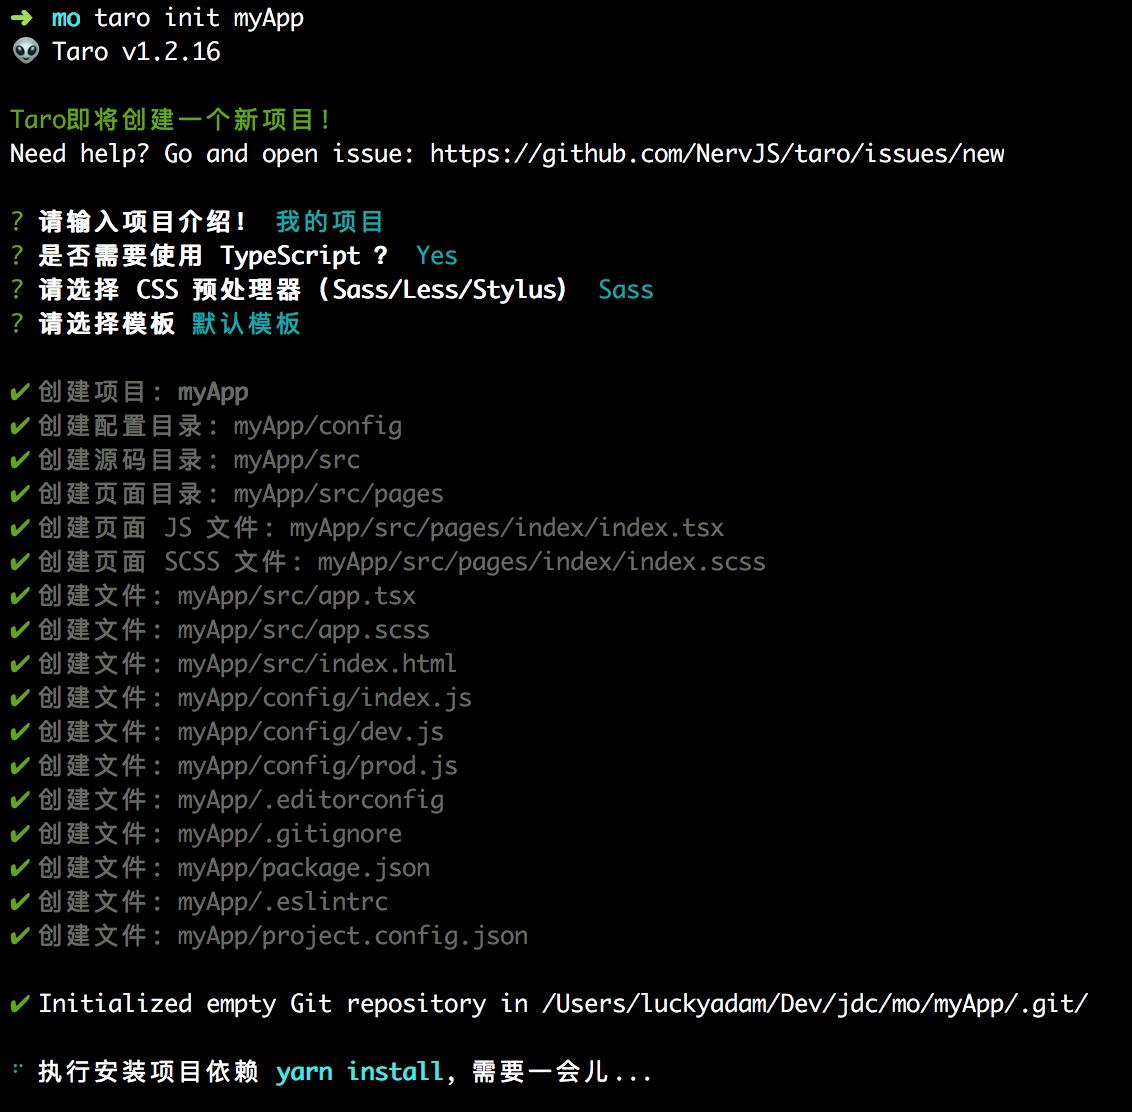 taro init myApp command screenshot